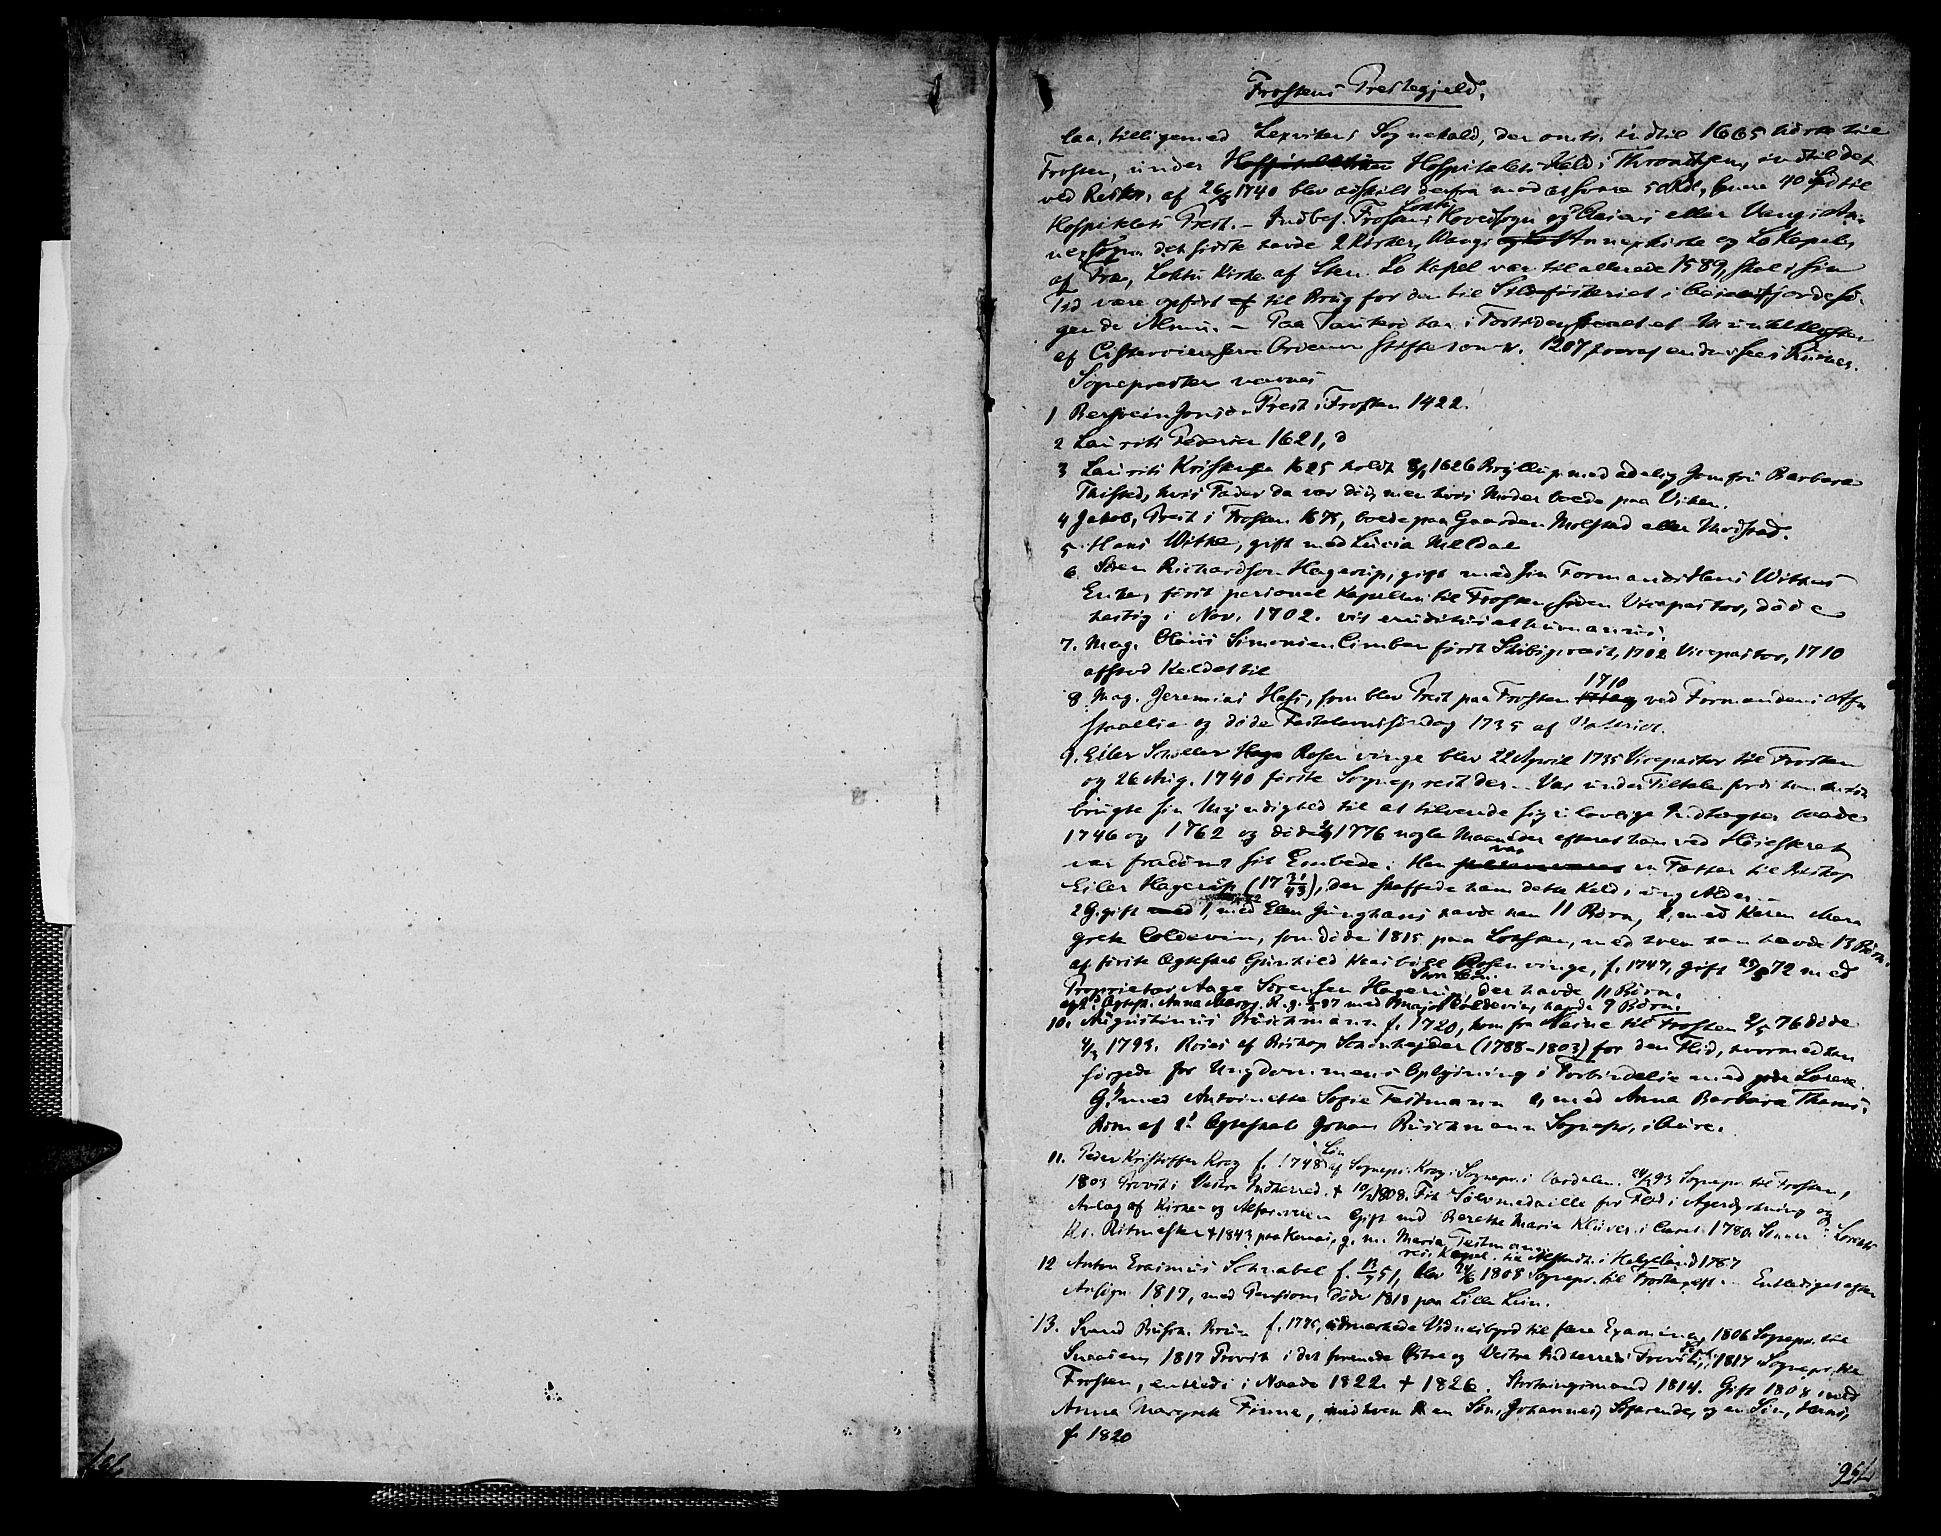 SAT, Ministerialprotokoller, klokkerbøker og fødselsregistre - Nord-Trøndelag, 713/L0111: Parish register (official) no. 713A03, 1812-1816